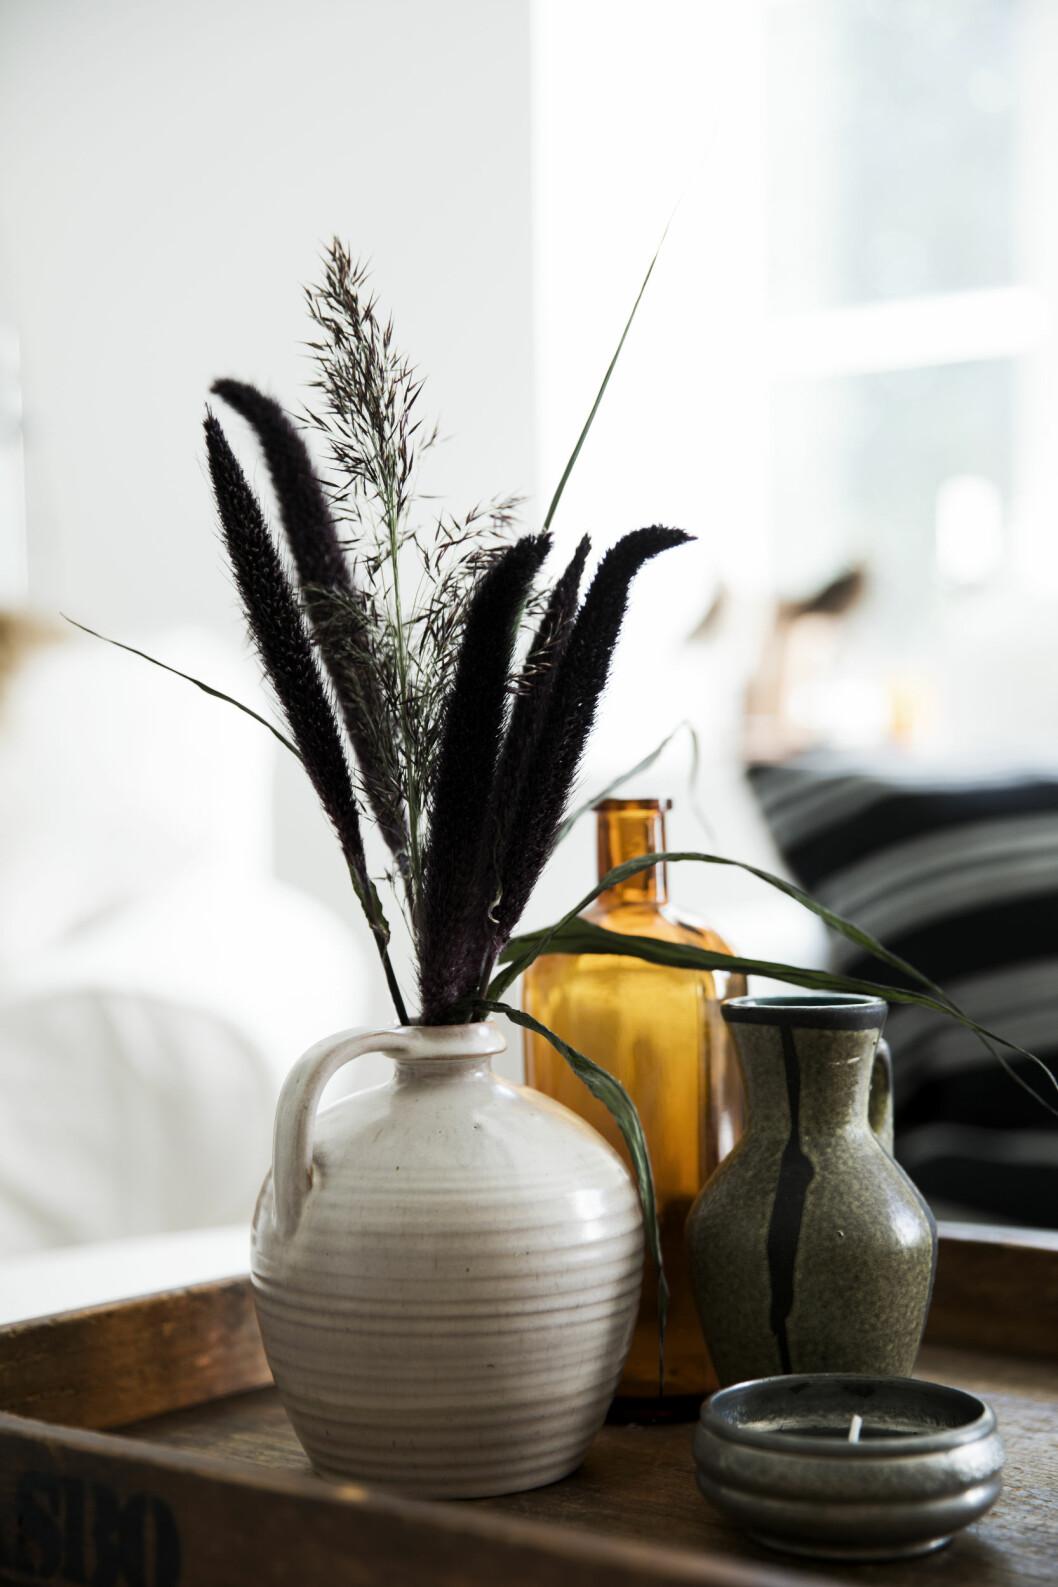 PYNT PÅ STUEBORDET: Den lille samlingen med farget glass og keramikk på stuebordet plukker opp nyansene i rommet.  Foto: Tia Borgsmidt